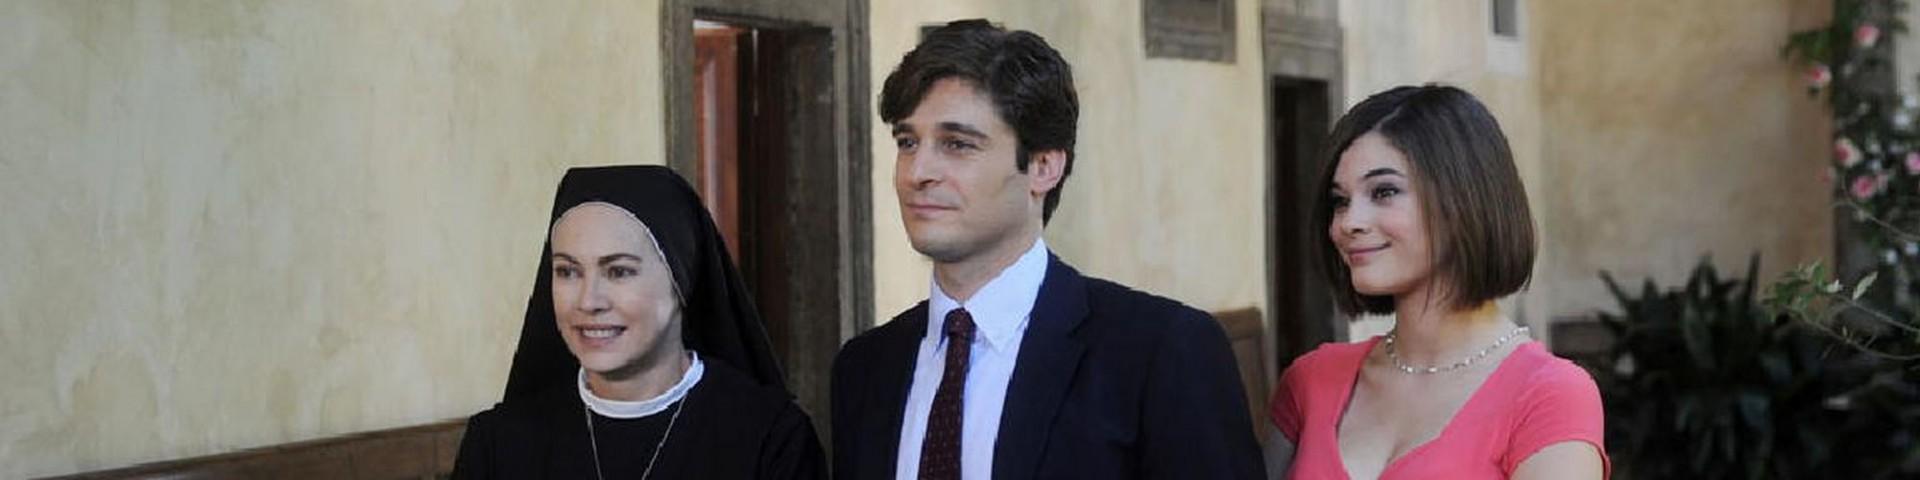 Che fine ha fatto Guido in Che Dio ci aiuti 5 dopo l'addio di Lino Guanciale?